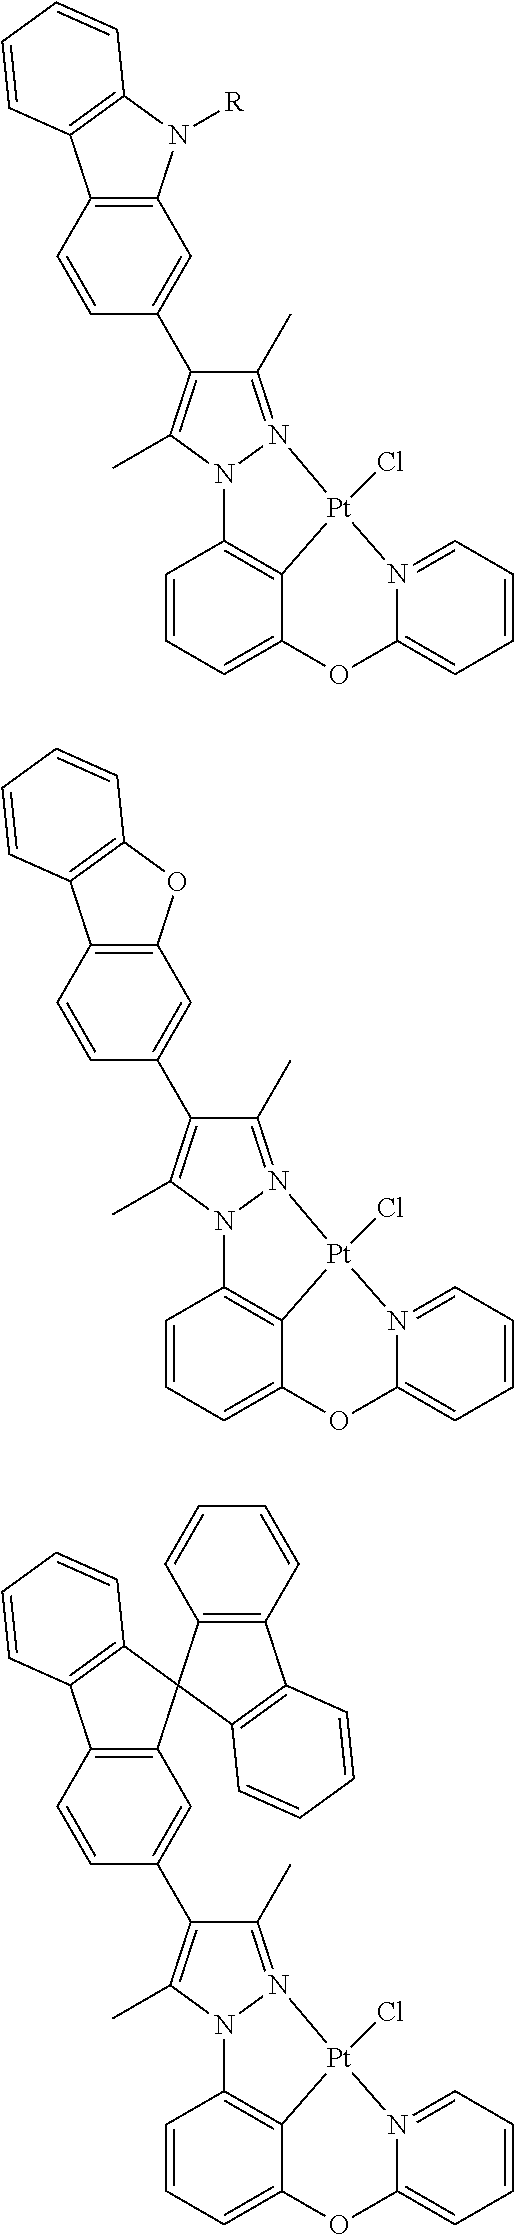 Figure US09818959-20171114-C00502